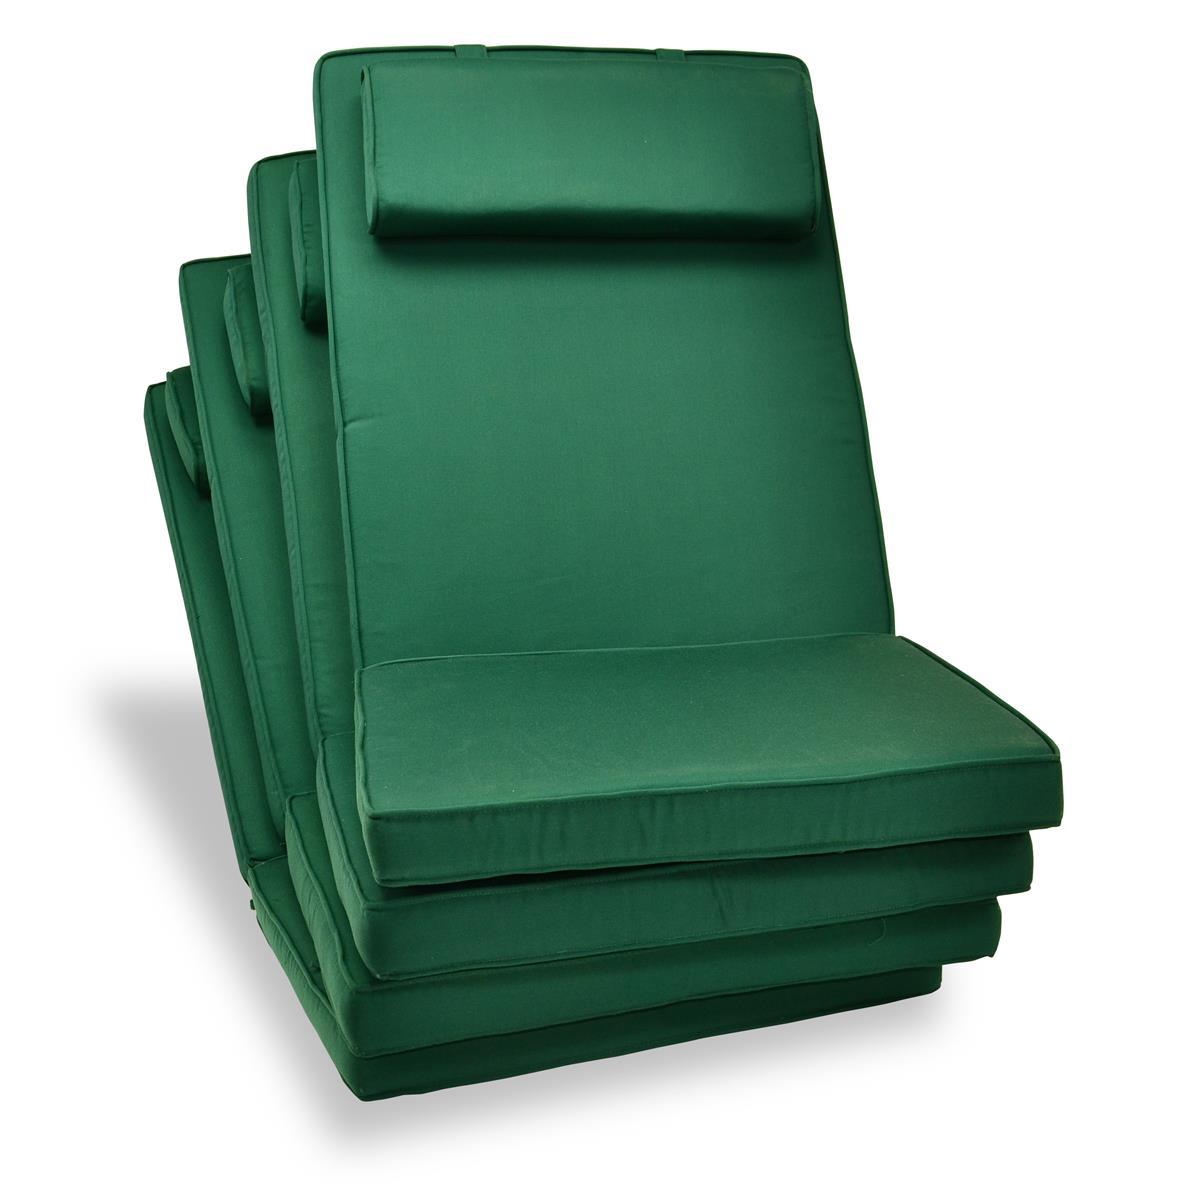 DIVERO 4er Set Sitzauflage Stuhlauflage Polster für Hochlehner Gartenstuhl grün